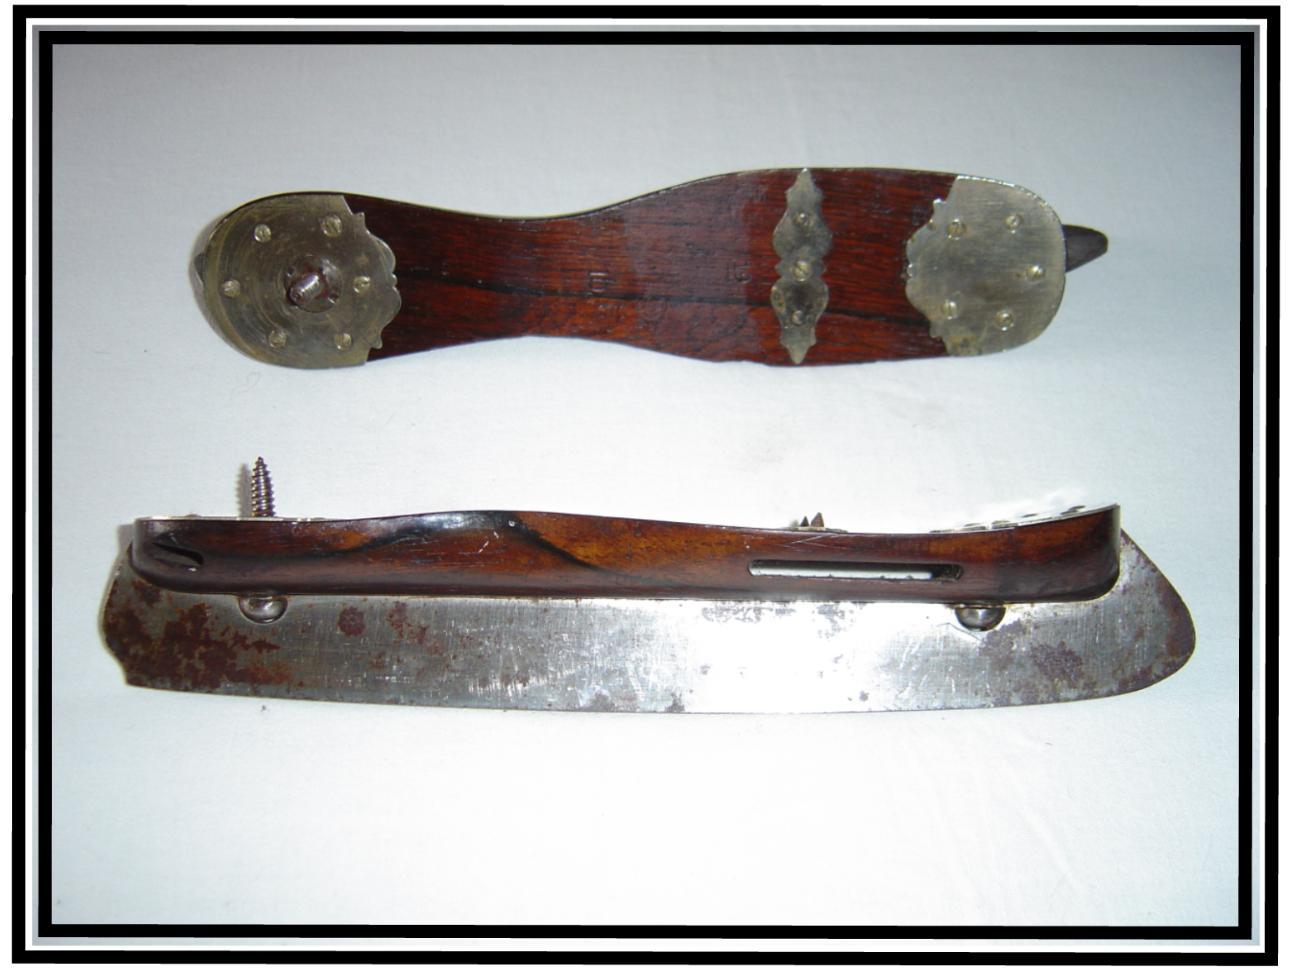 Antiqueiceskatesnorthamericamanufactured